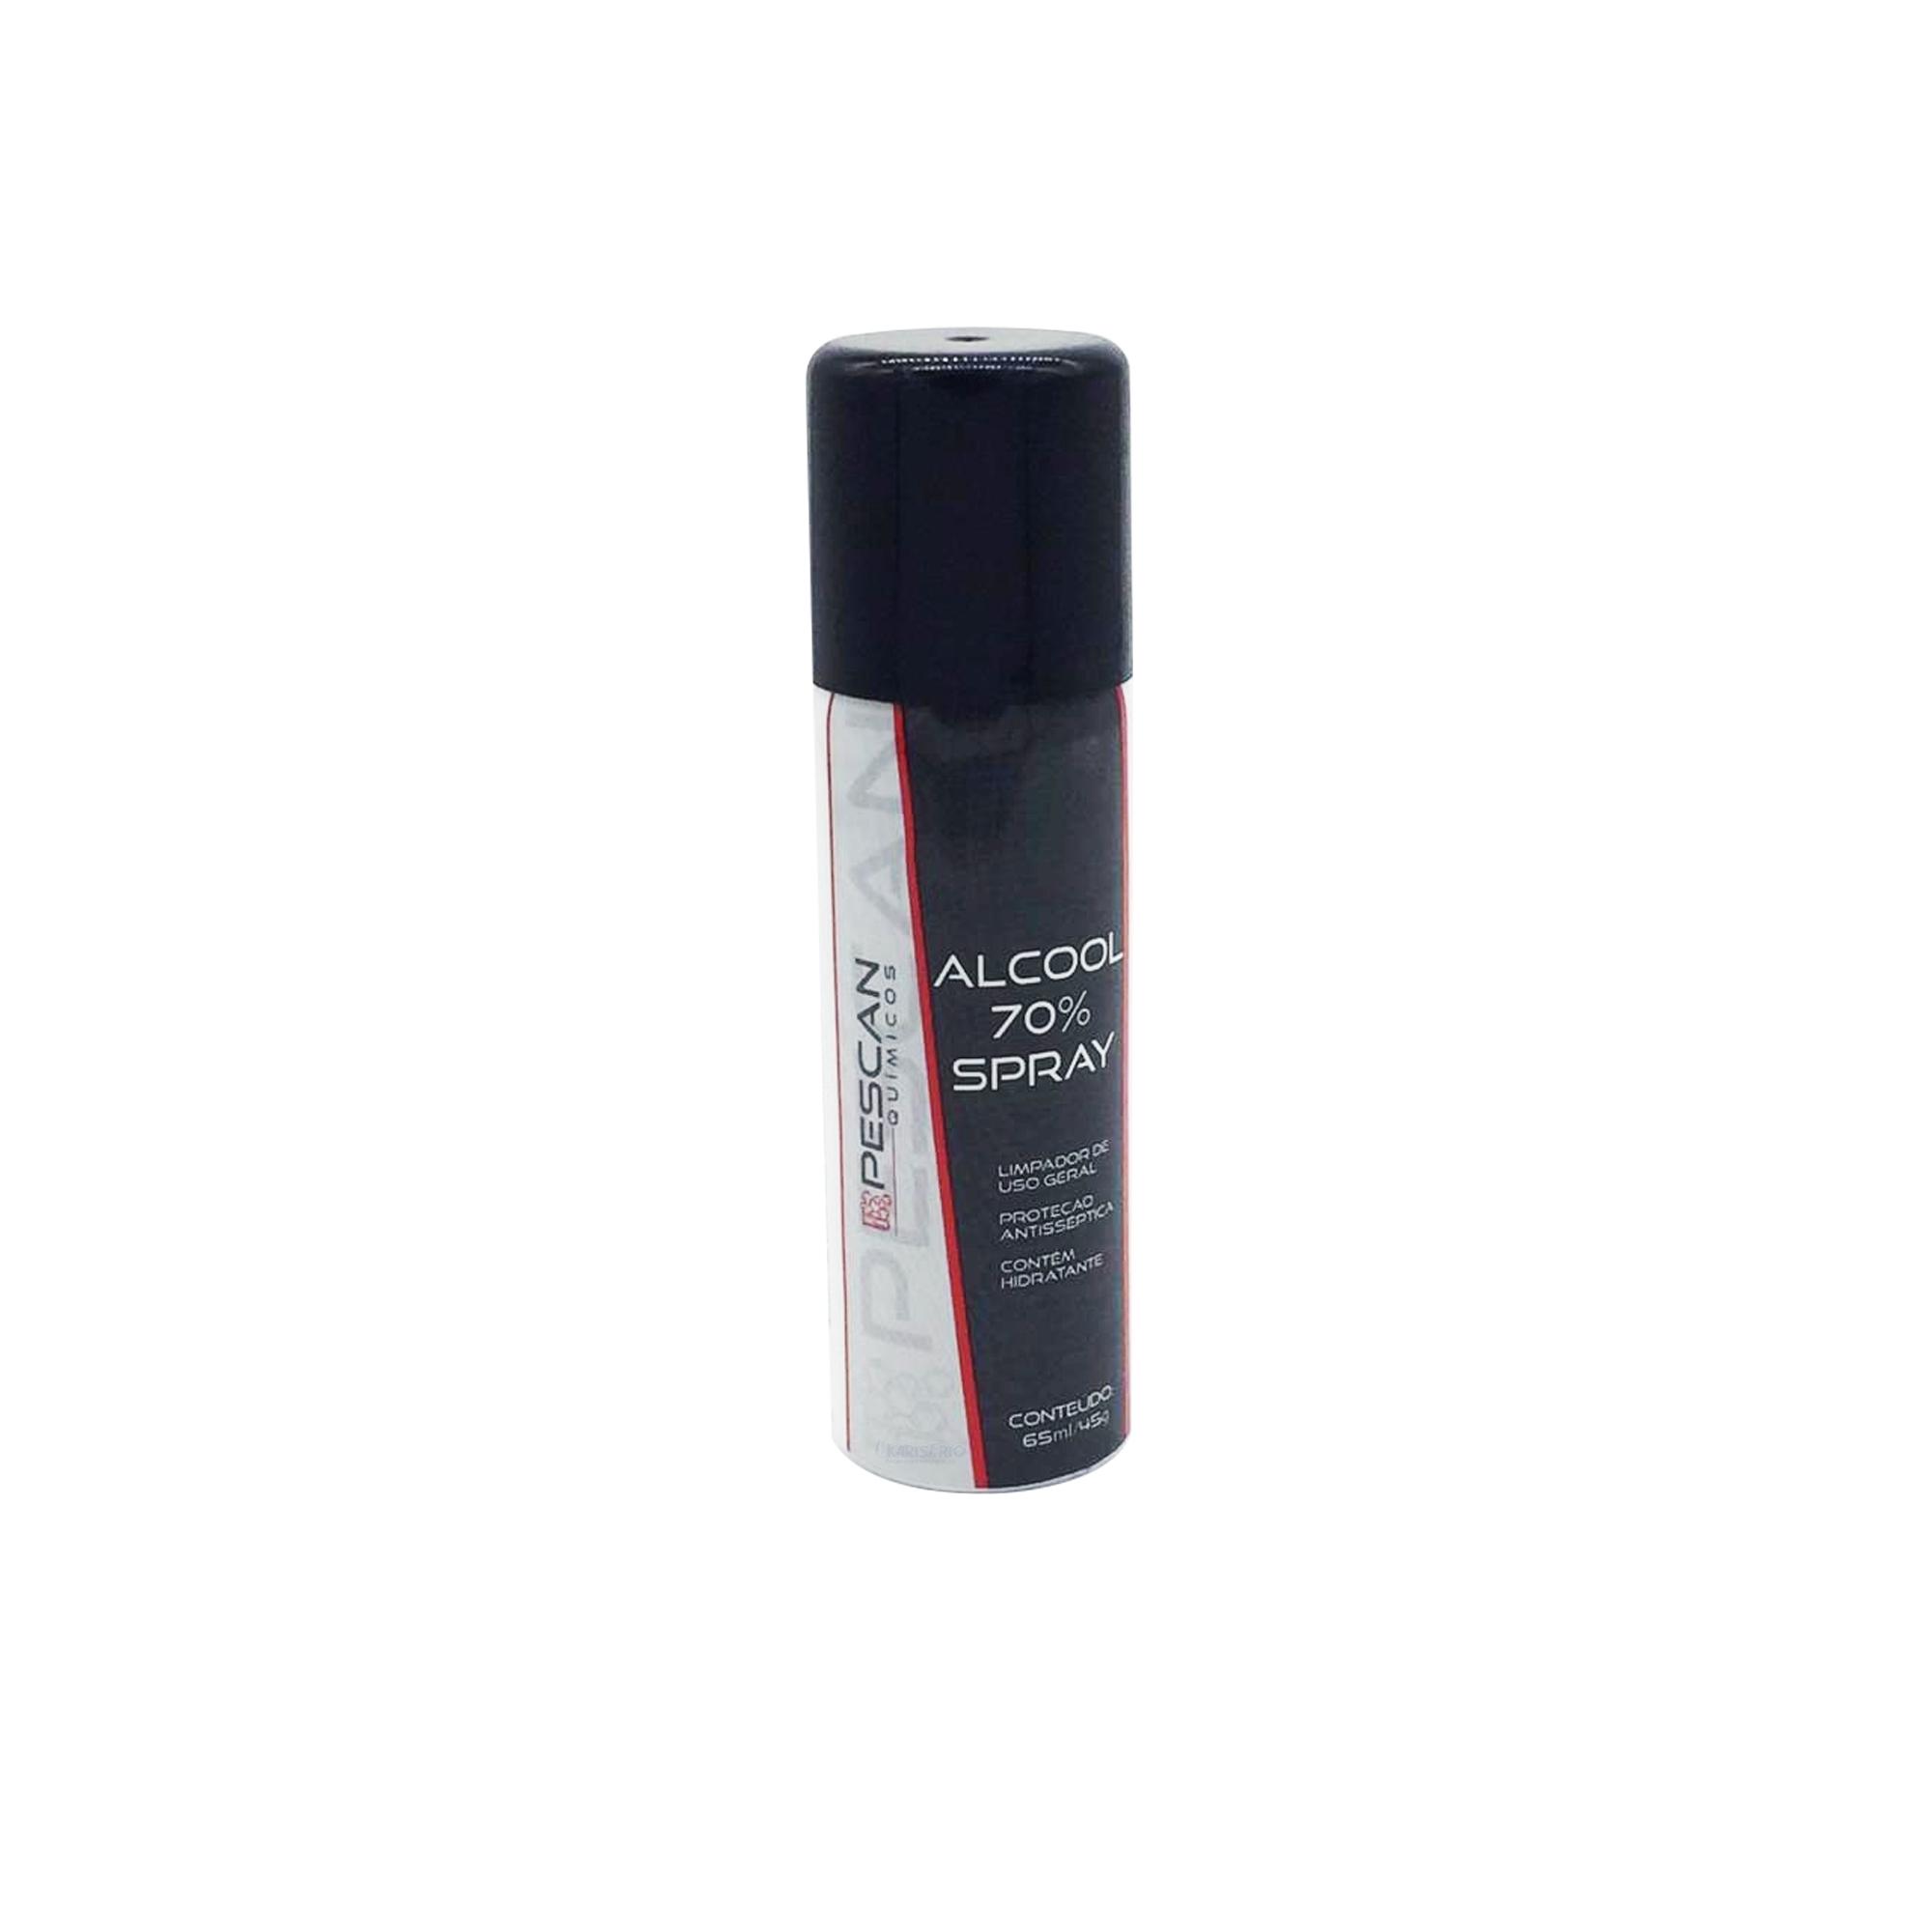 Spray Álcool 70% Antisséptico Higienizador 65 ml